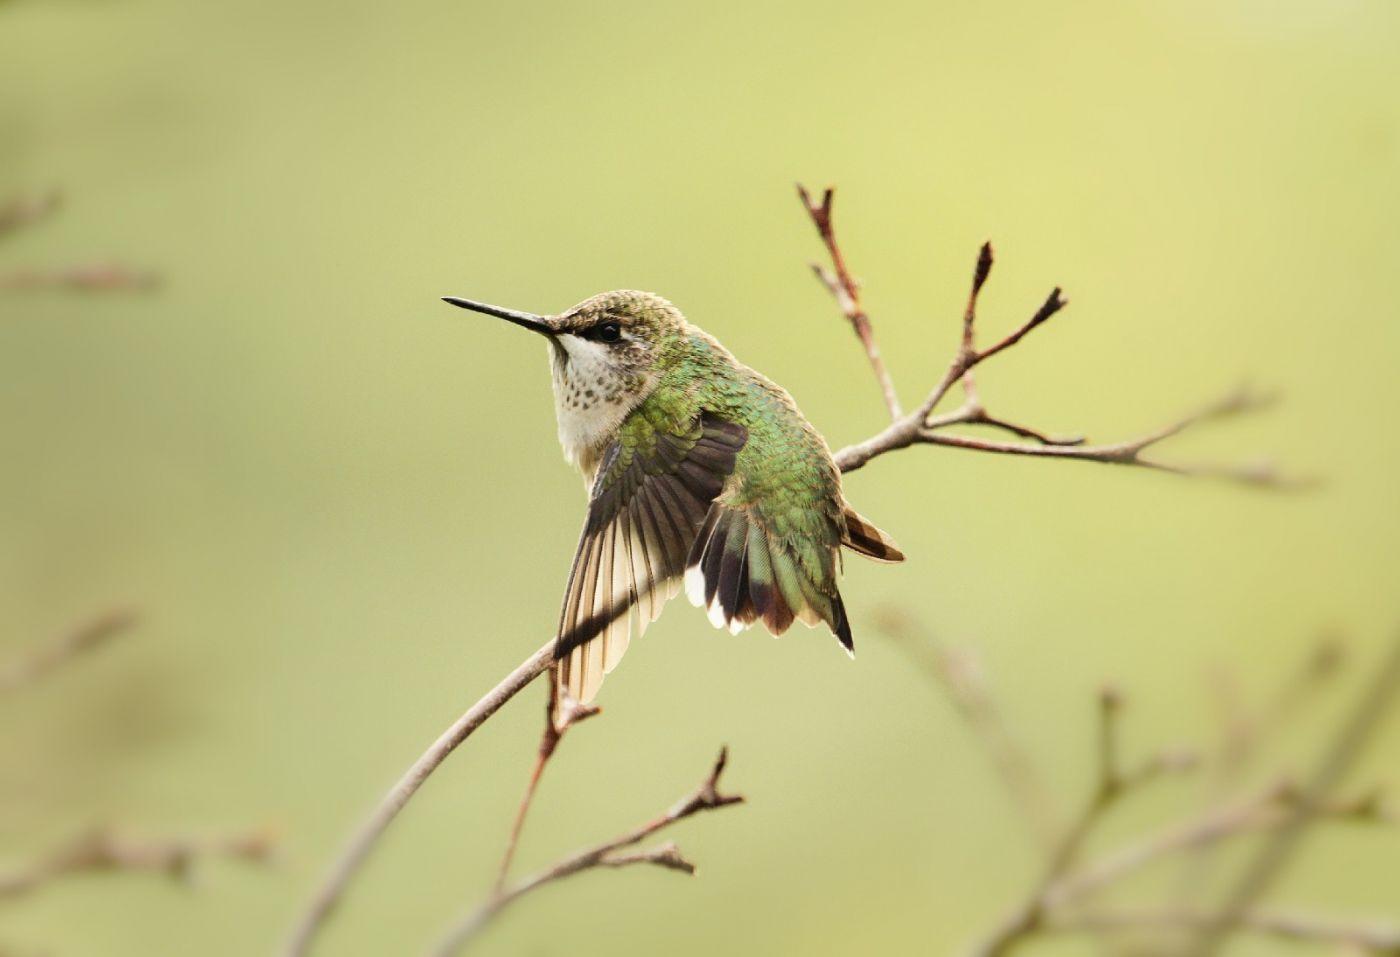 【田螺摄影】在纽约city找蜂鸟拍不难_图1-28